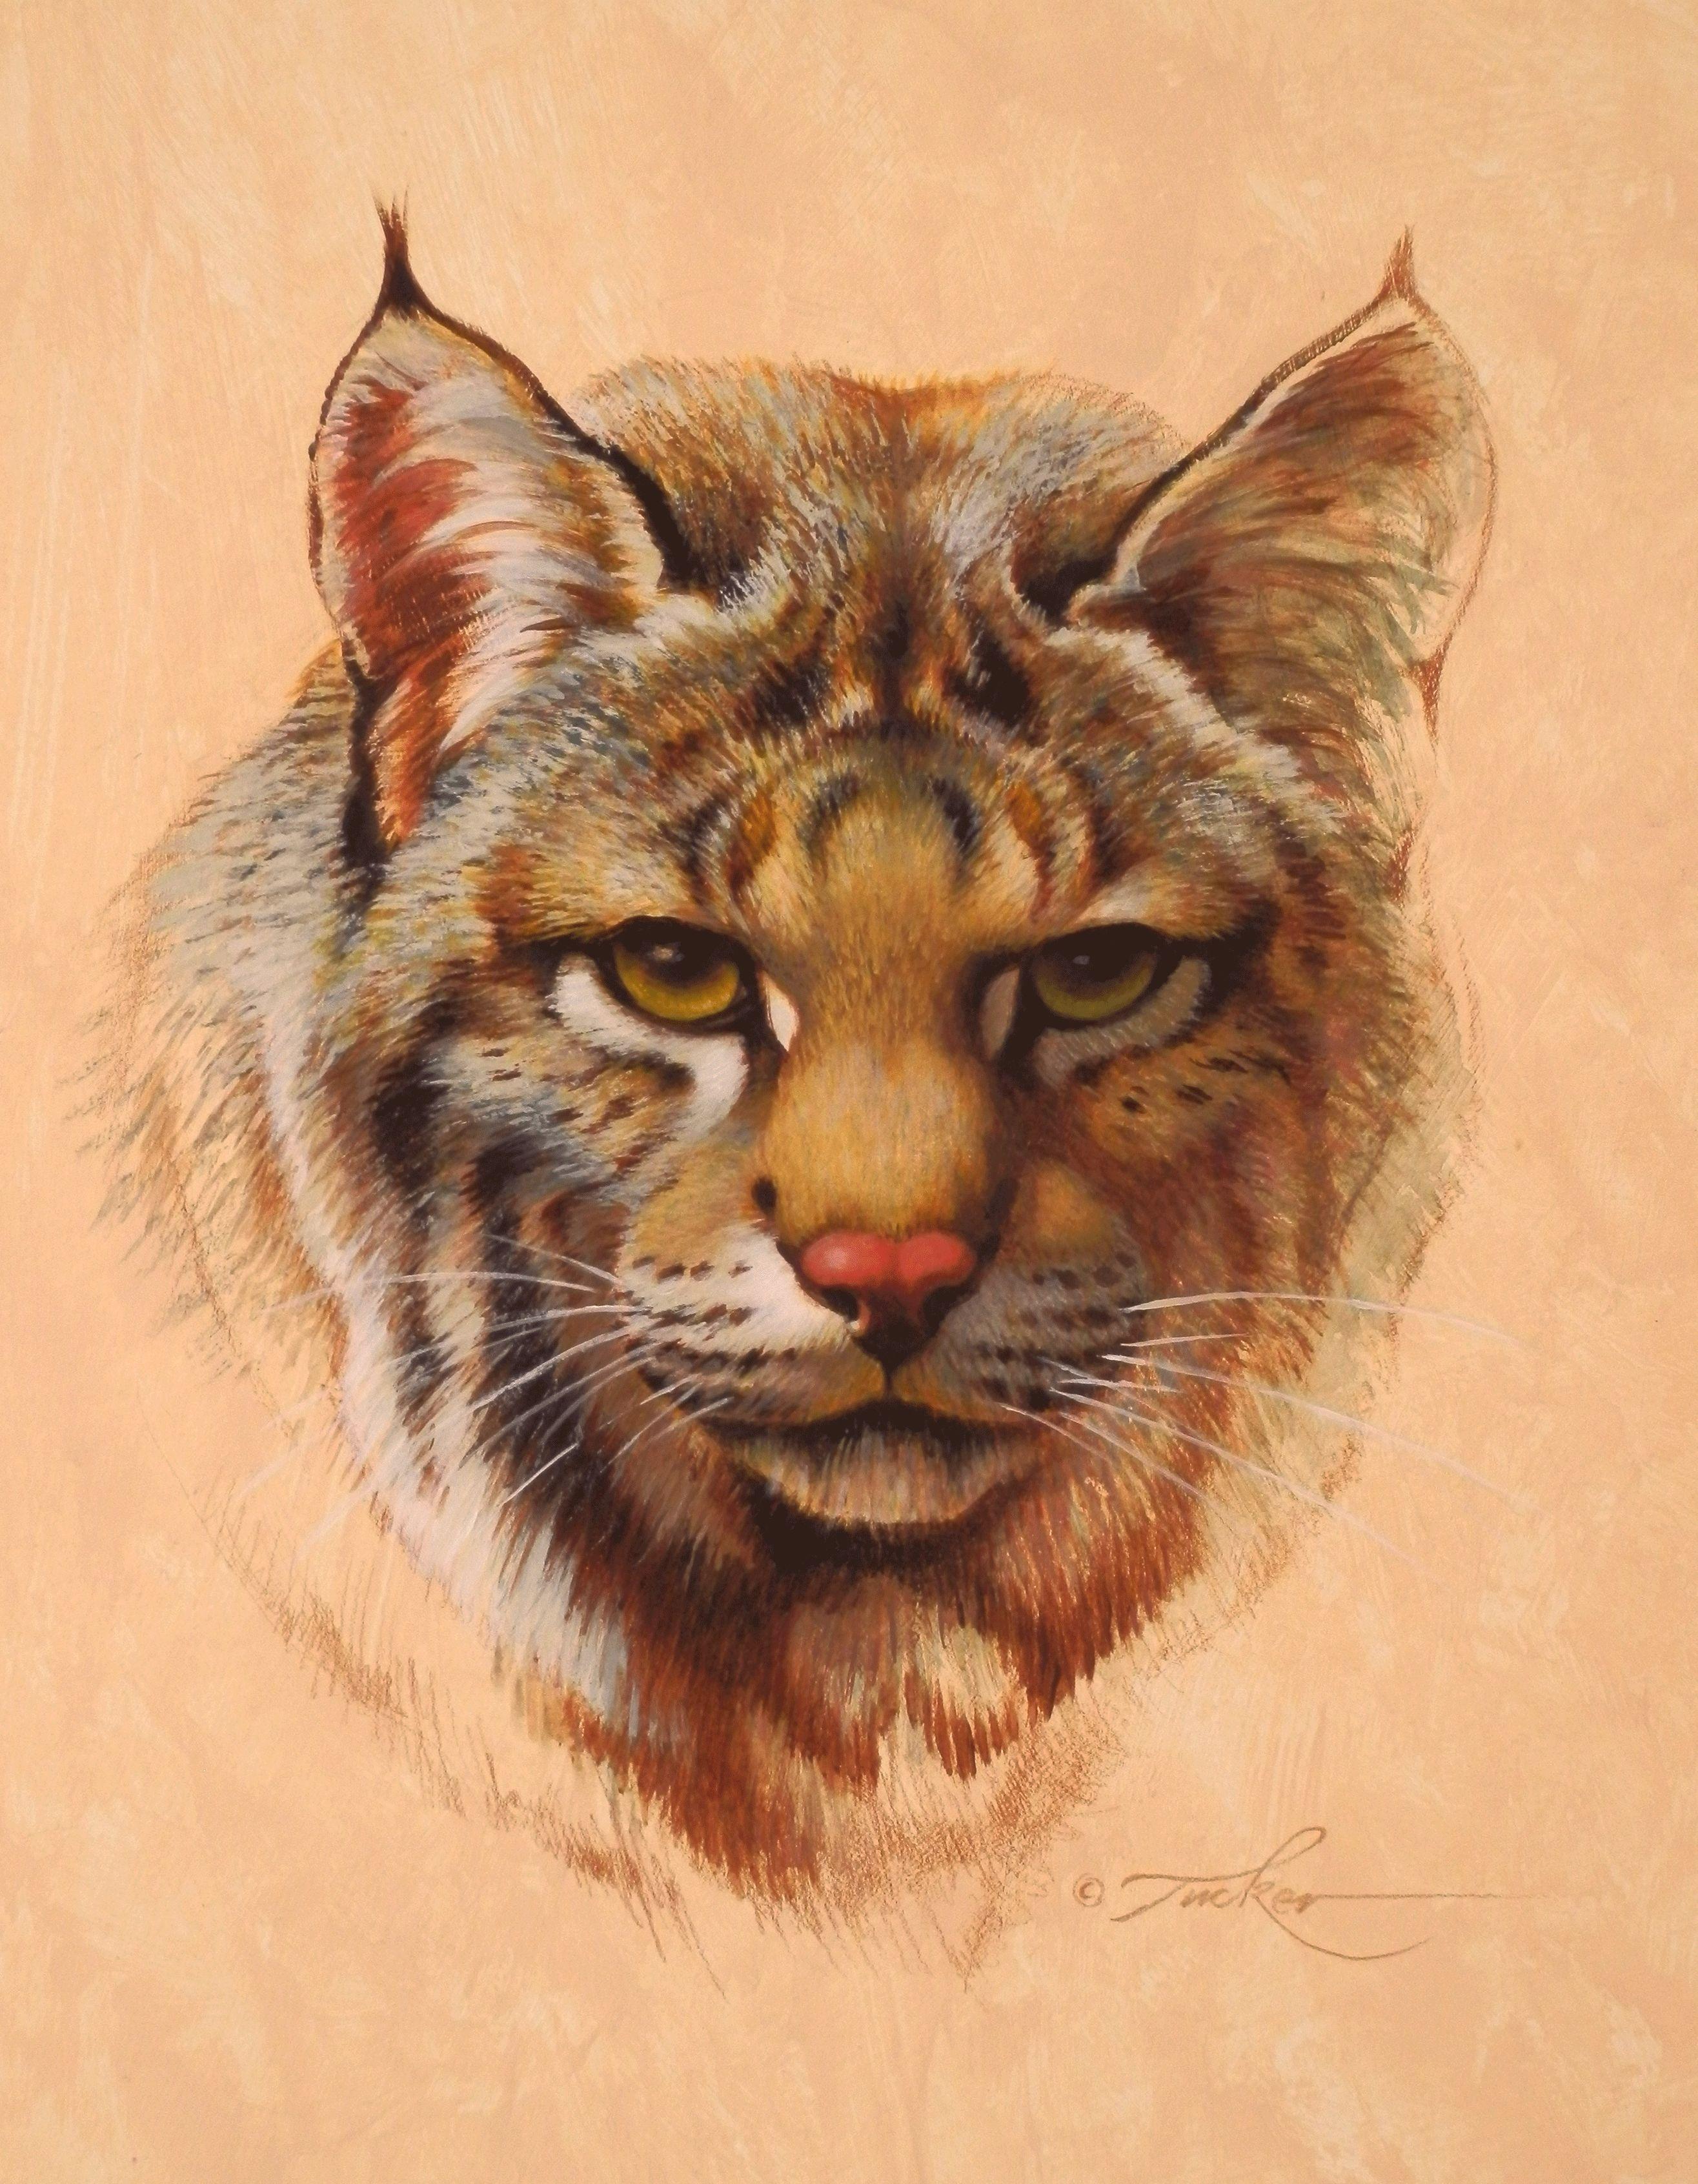 большие животные картинки рисунки увеличить